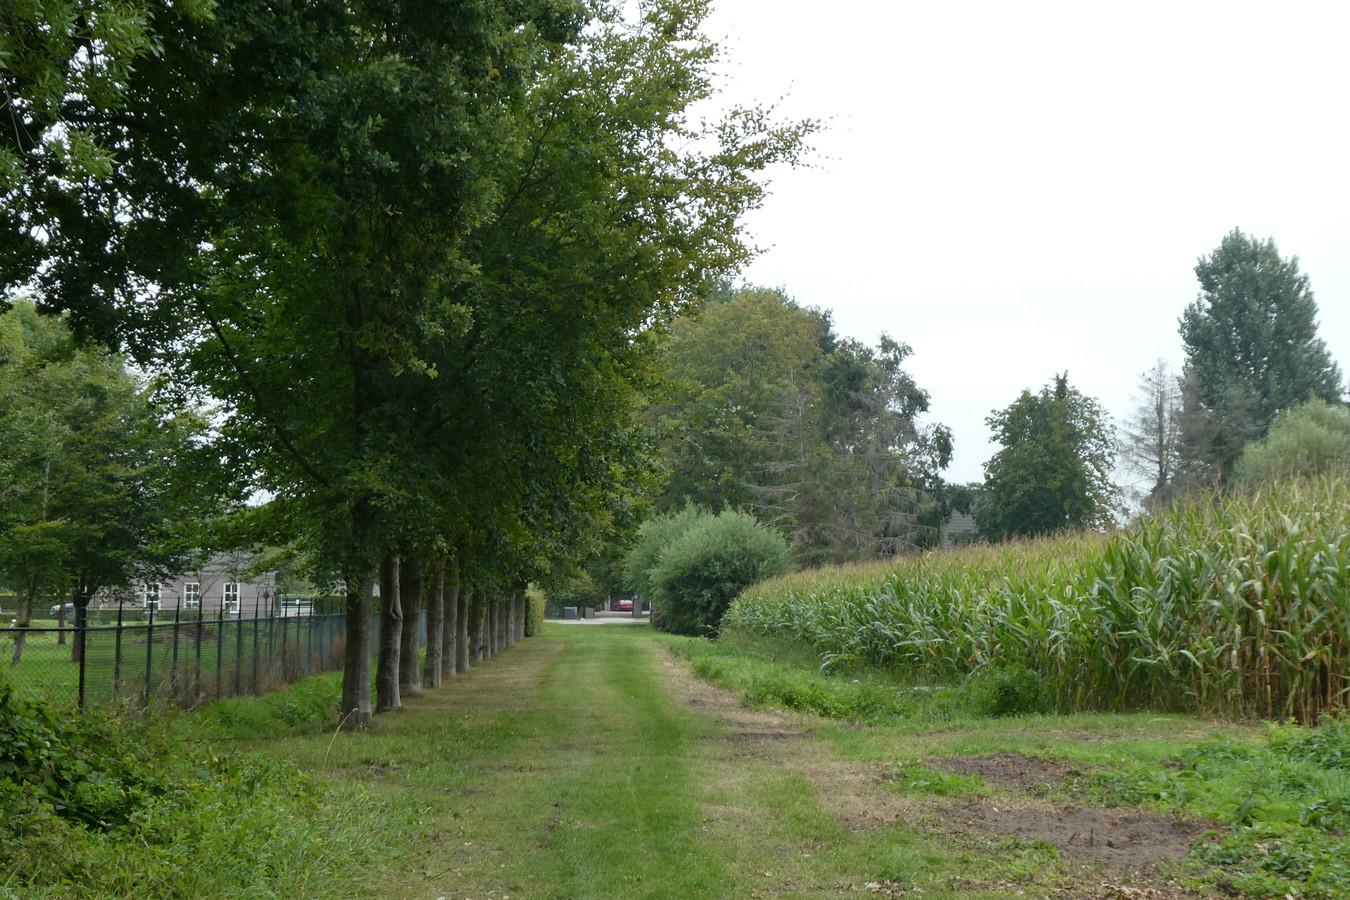 De beuken naast het maïsveld waren plots verdwenen.